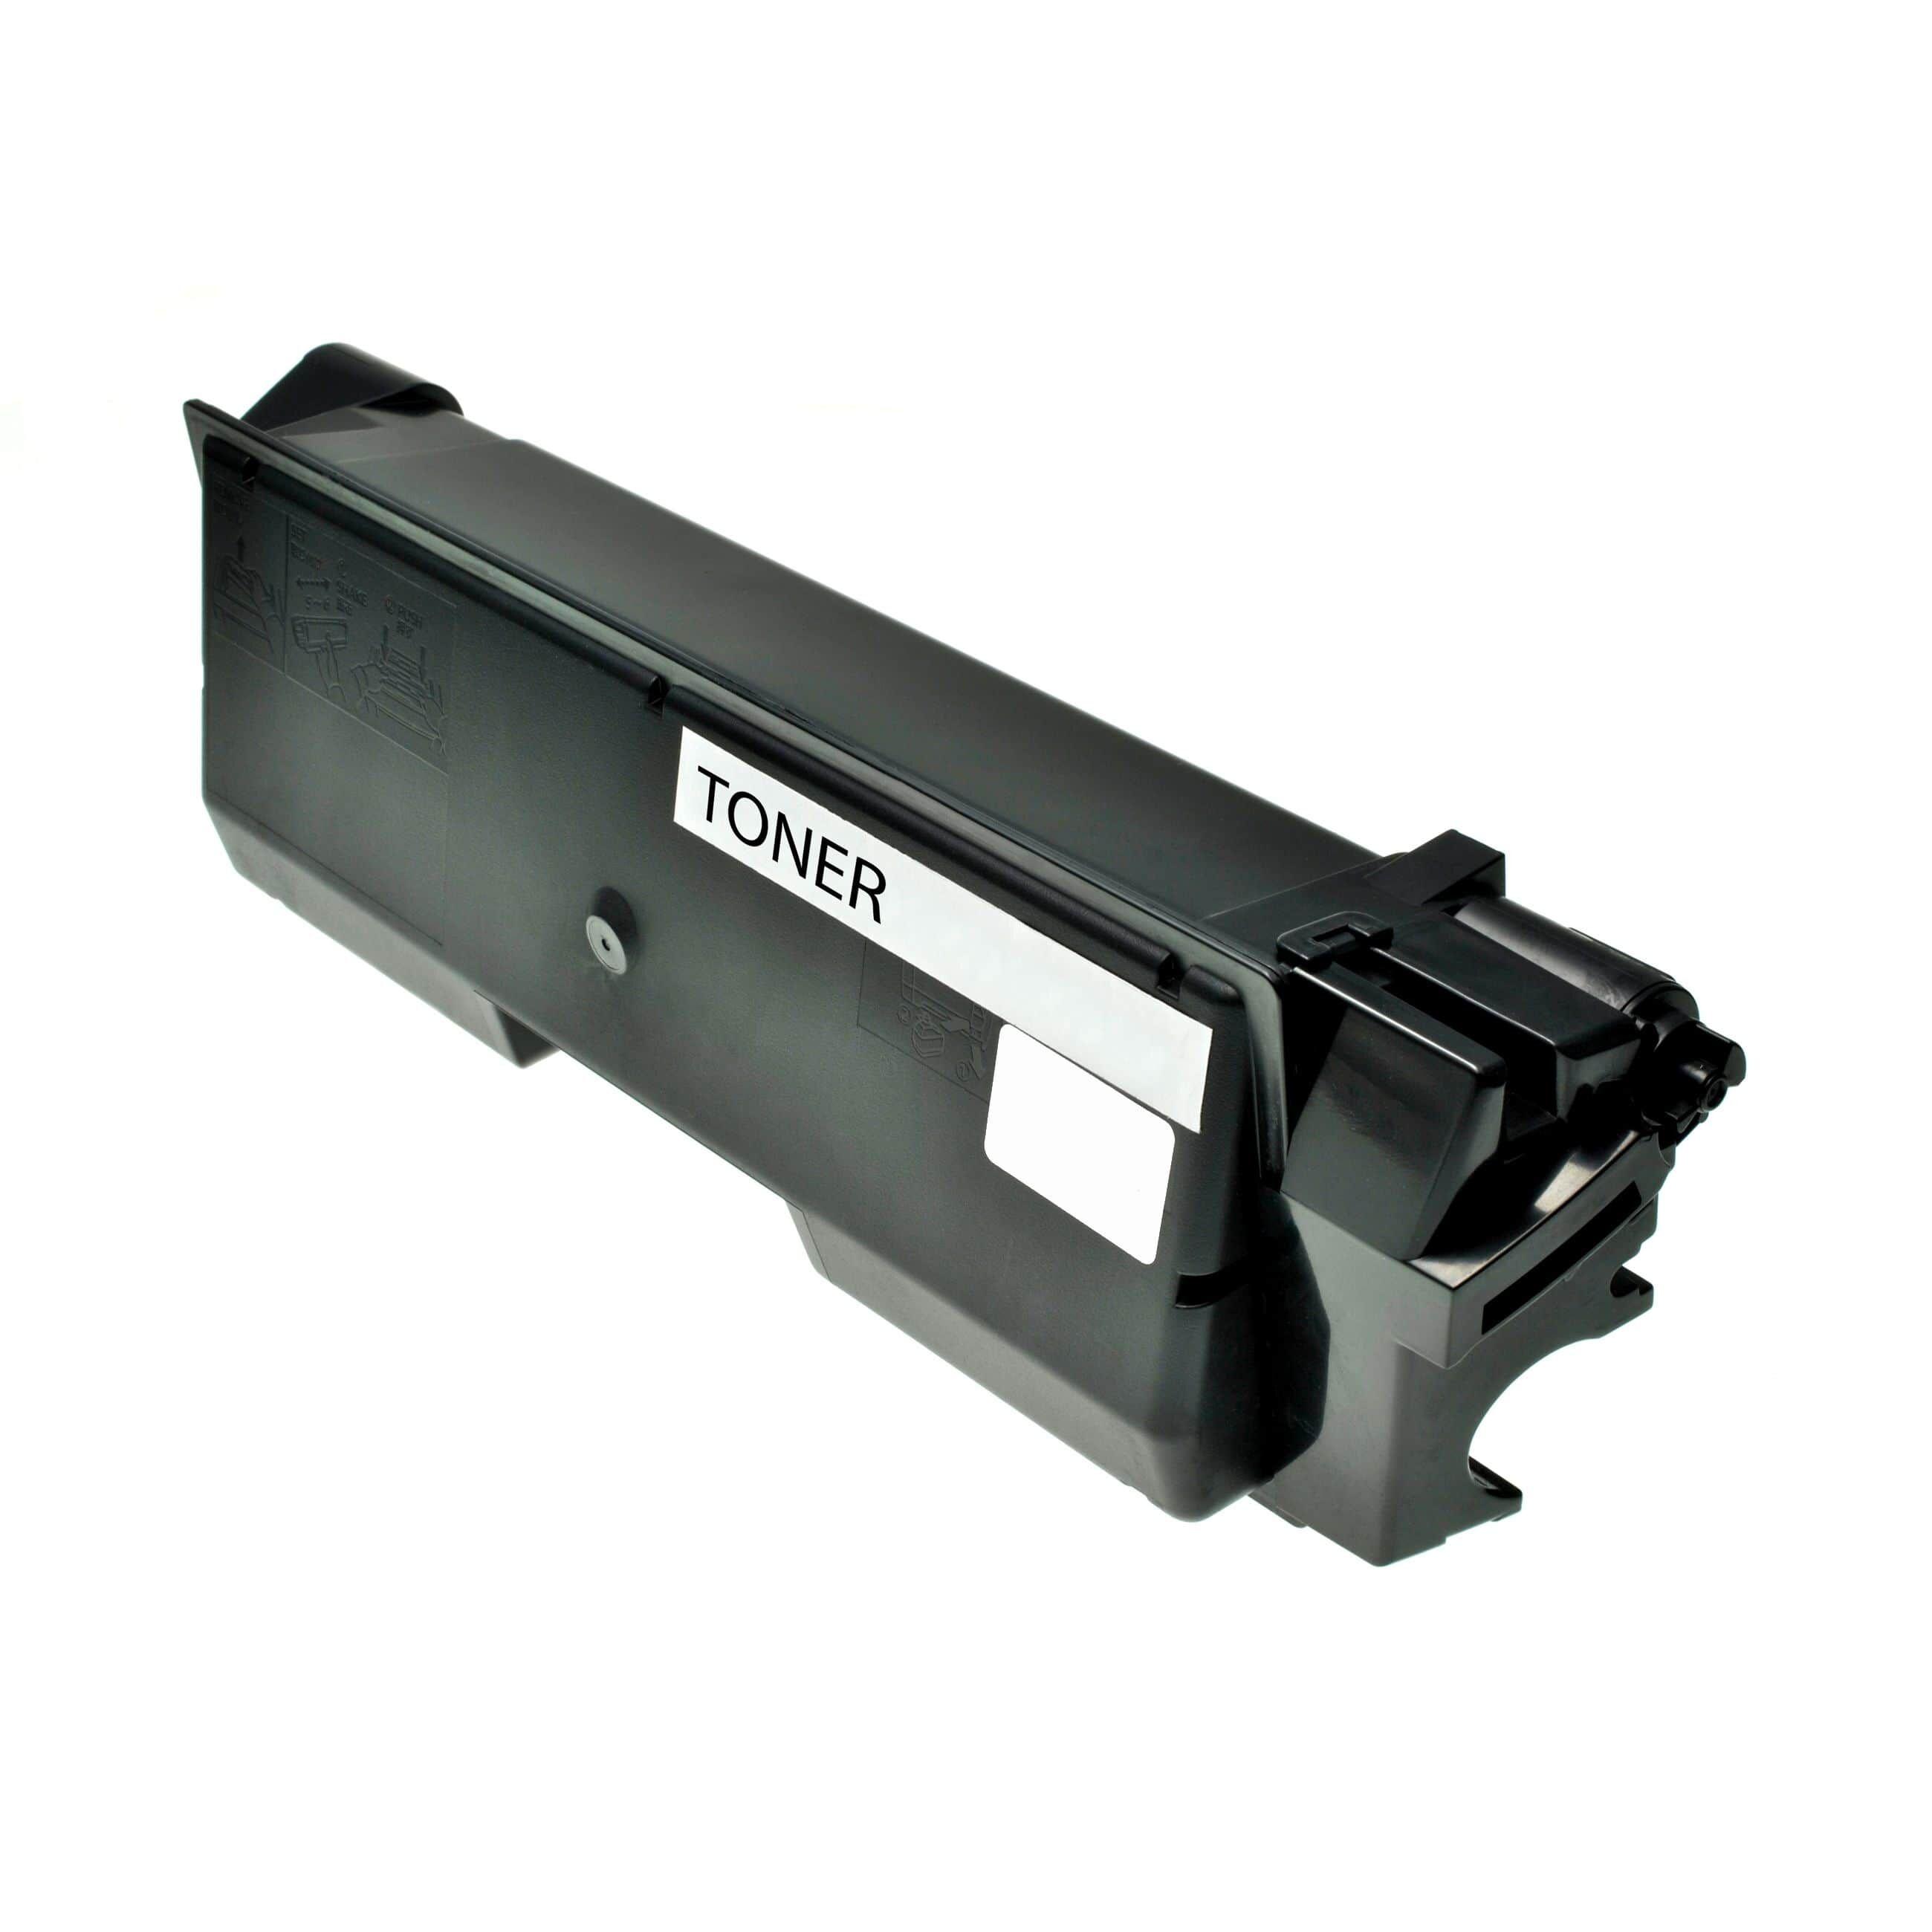 Utax Cartouche de Toner pour Utax 4472110010 noir compatible (de marque ASC)